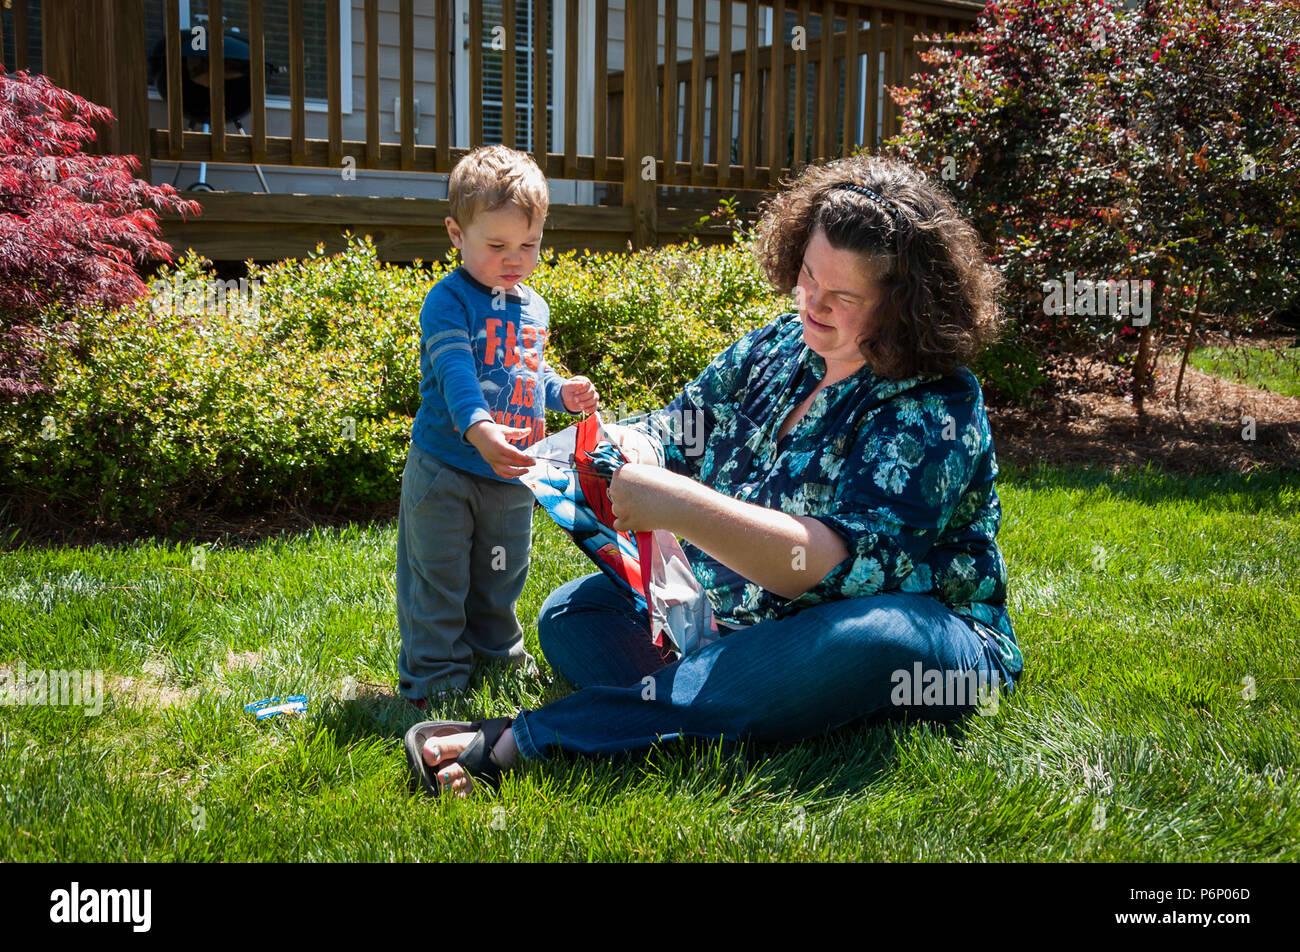 Charlotte, NC-Avril 17, 2016: Jeune garçon regarde sa mère monter un cerf-volant dans la cour. Mère est assise dans l'herbe alors que le jeune fils tient sa main. Photo Stock